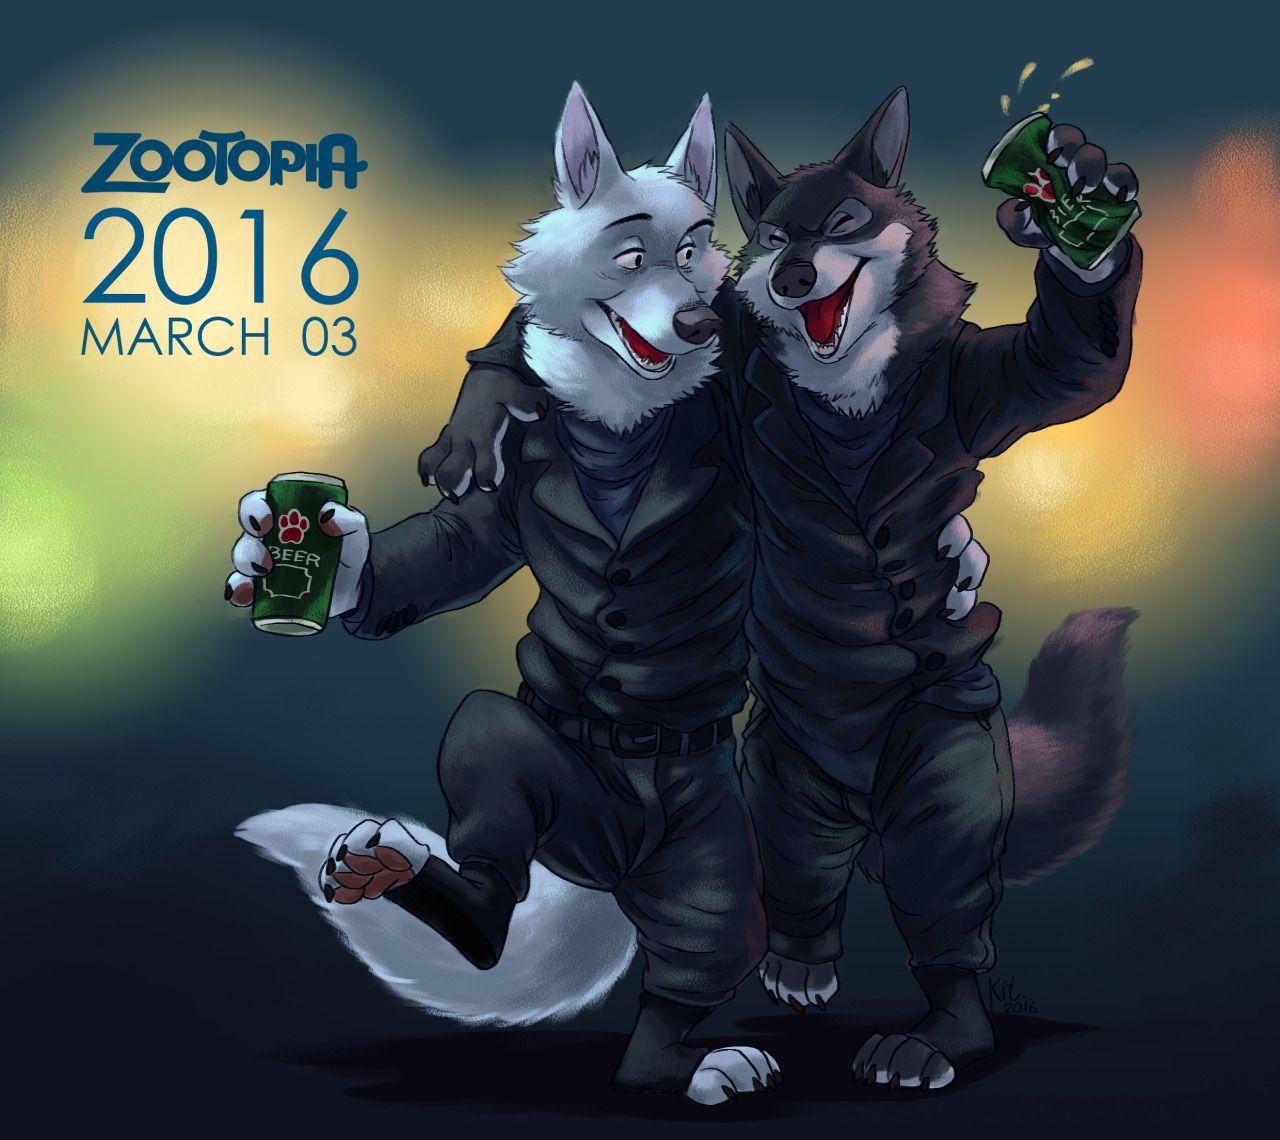 e621 zootopia